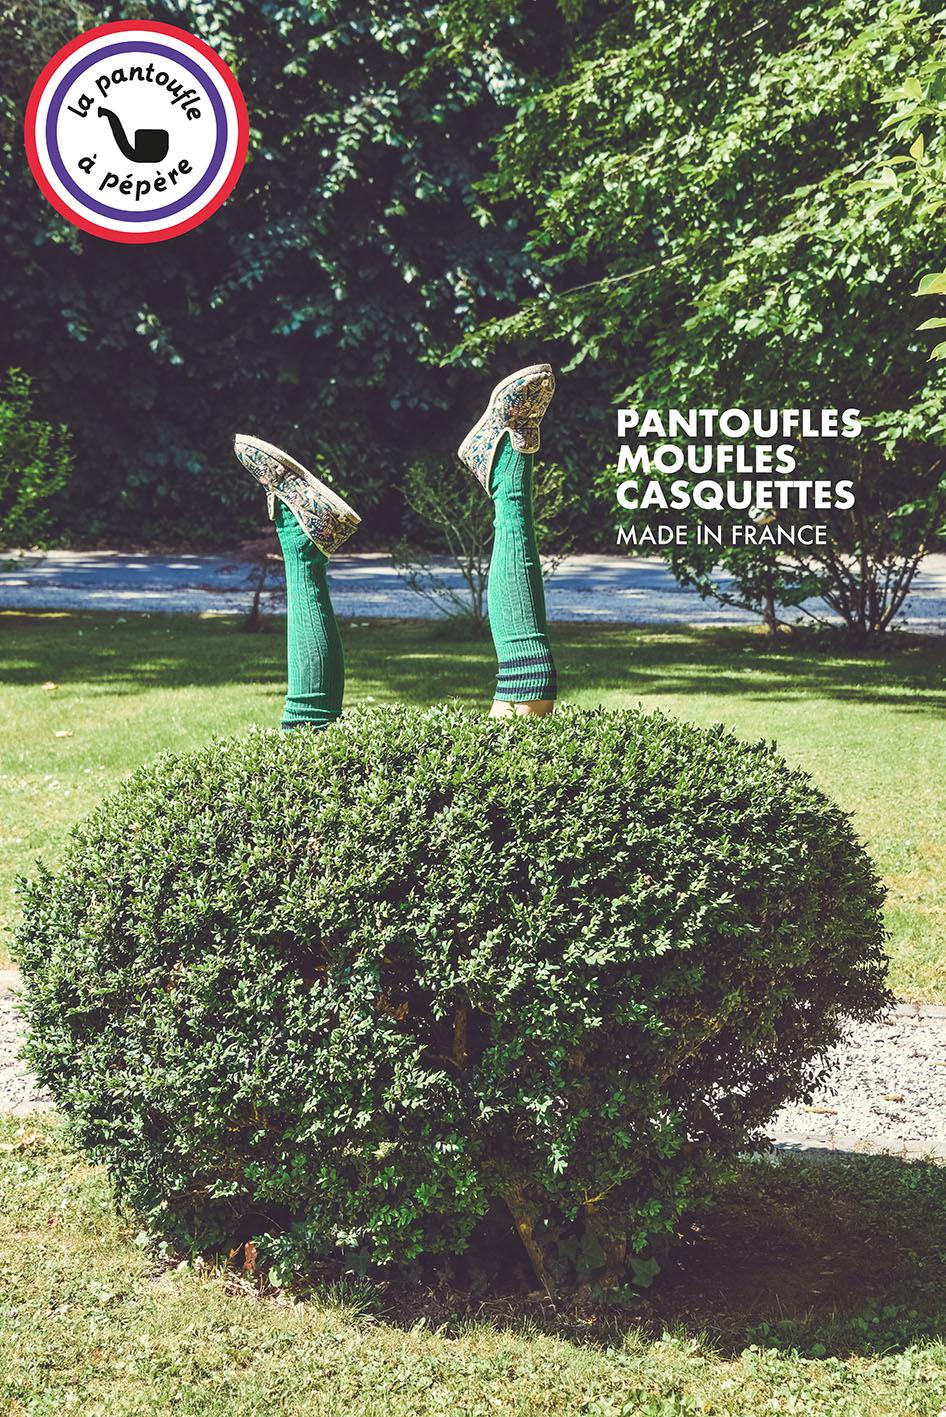 Campagne La Pantoufle à pépère par sakkamoto / DA et Photos Laurent Scavone. Campagne promotionnelle Lille, création de contenu pour les marques et Community management